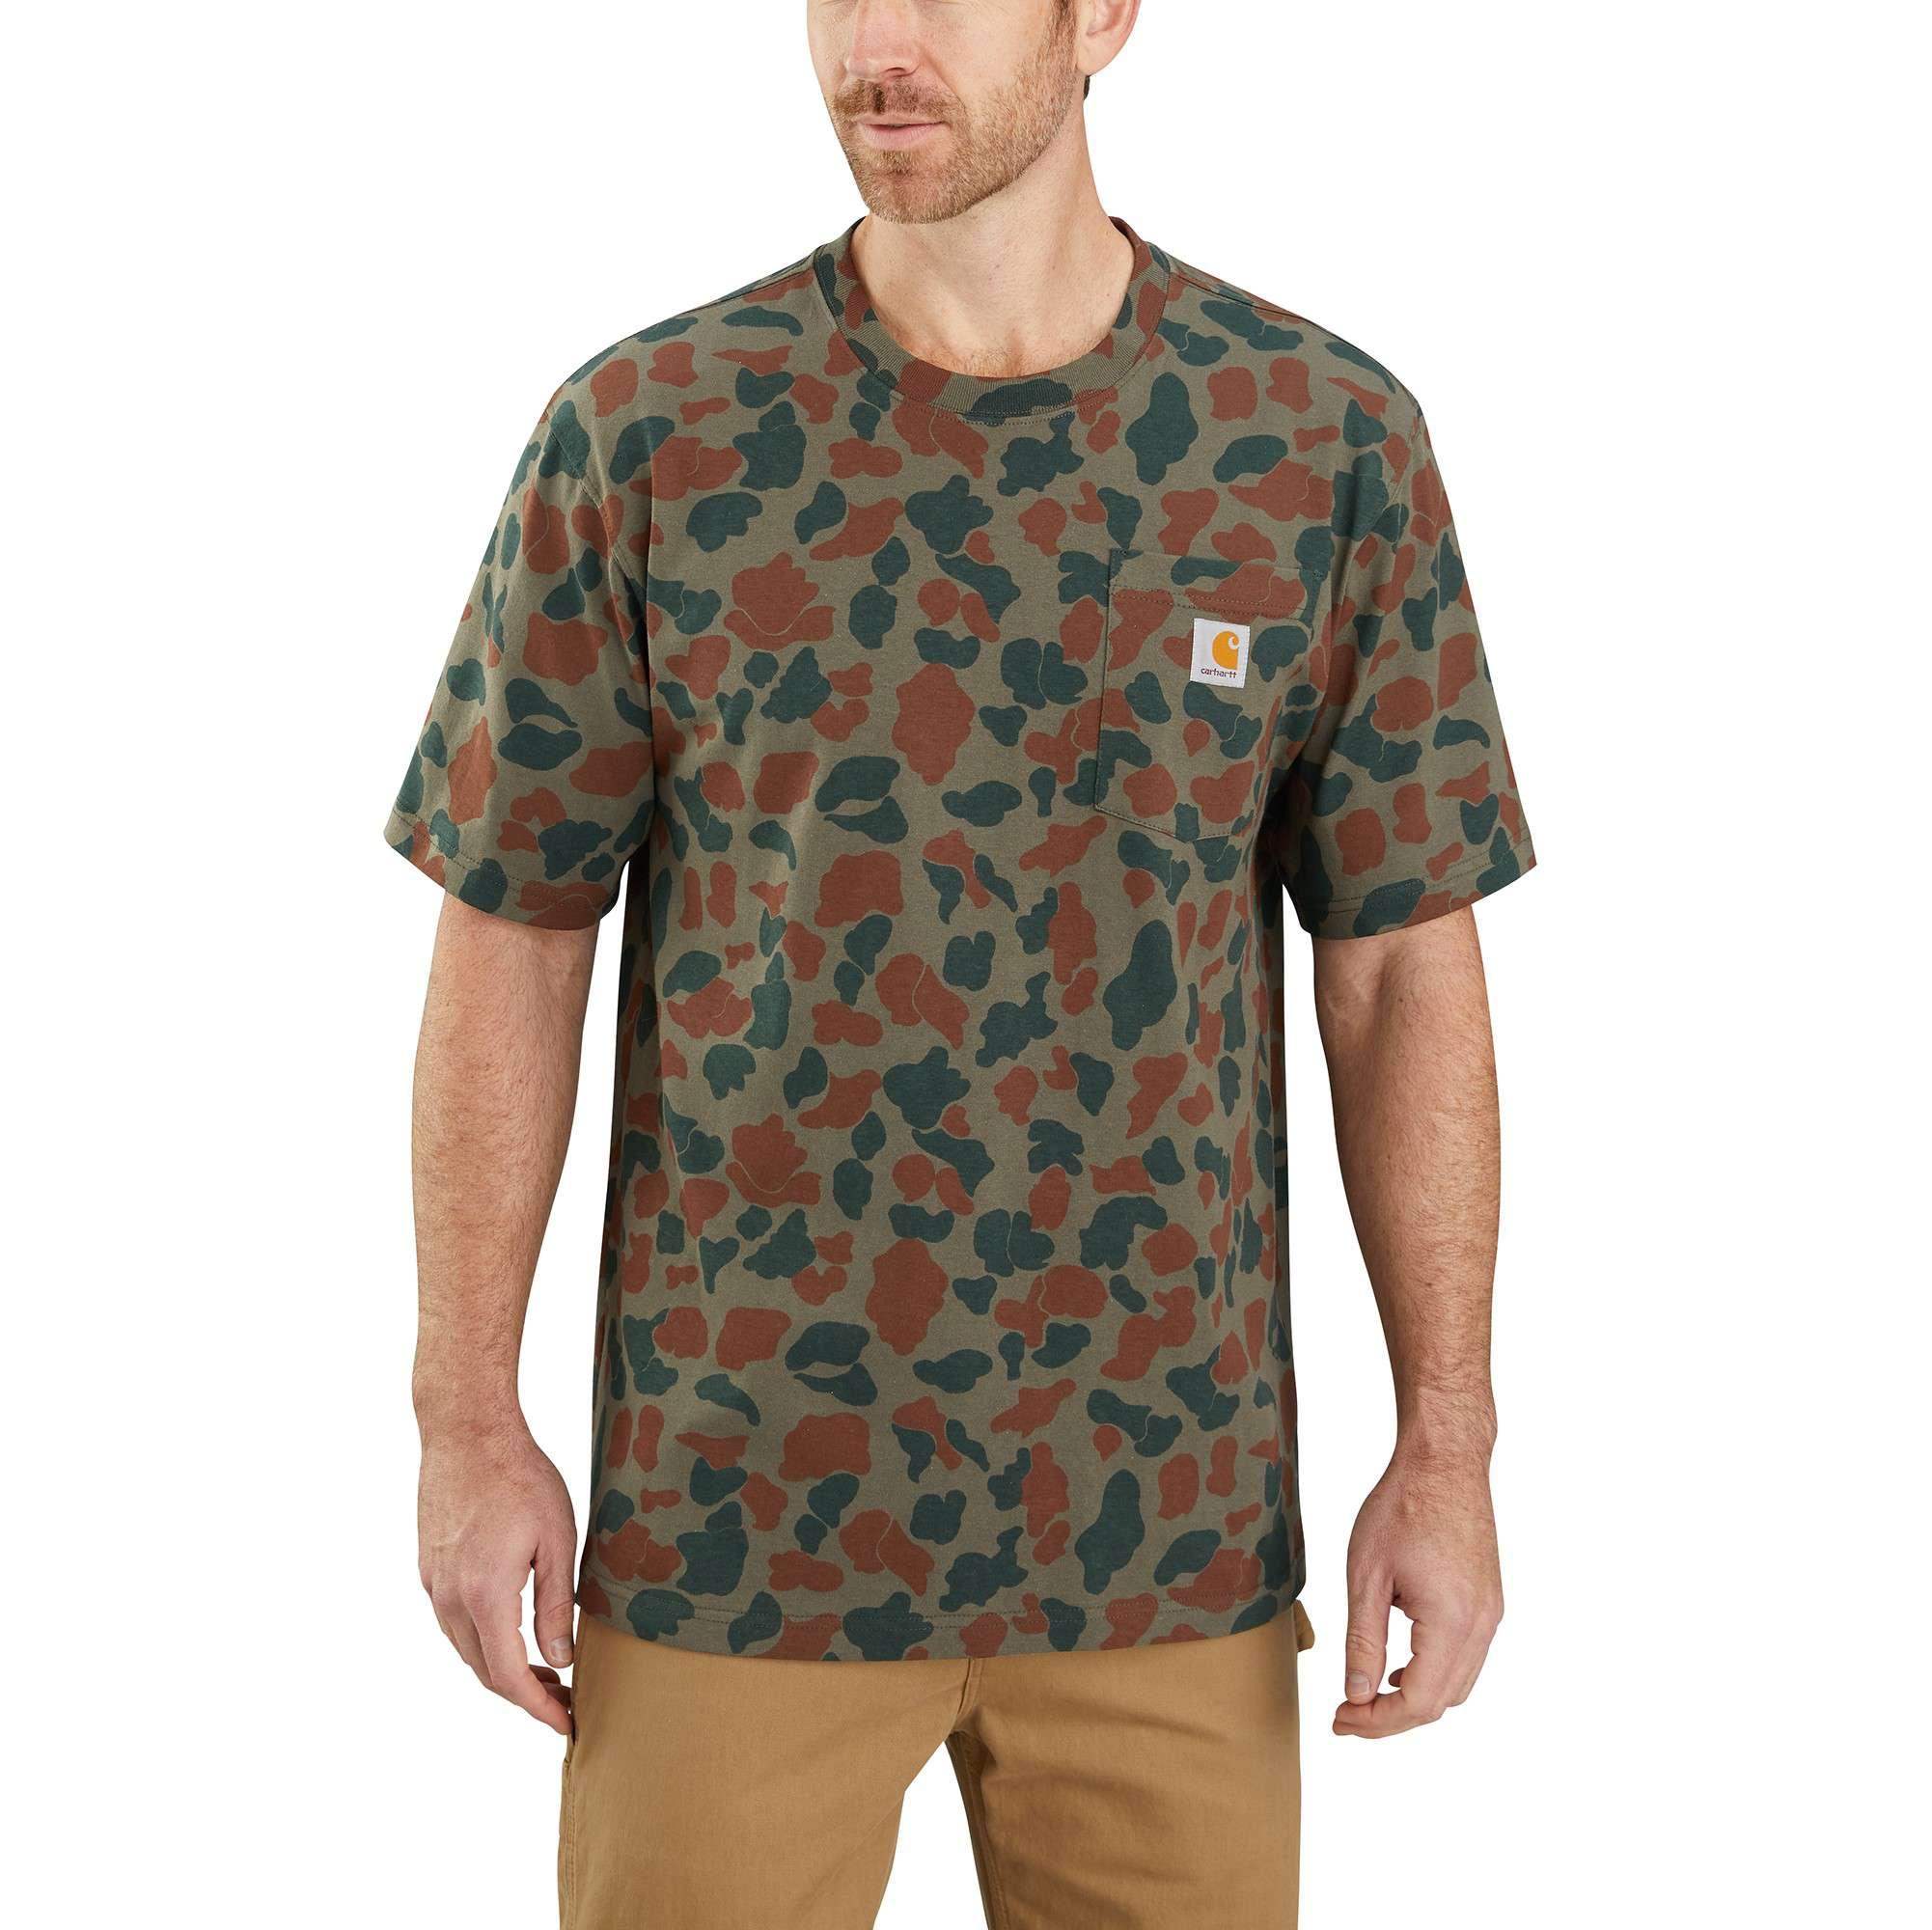 Carhartt Original Fit Heavyweight Short-Sleeve Pocket Logo Camo T-Shirt